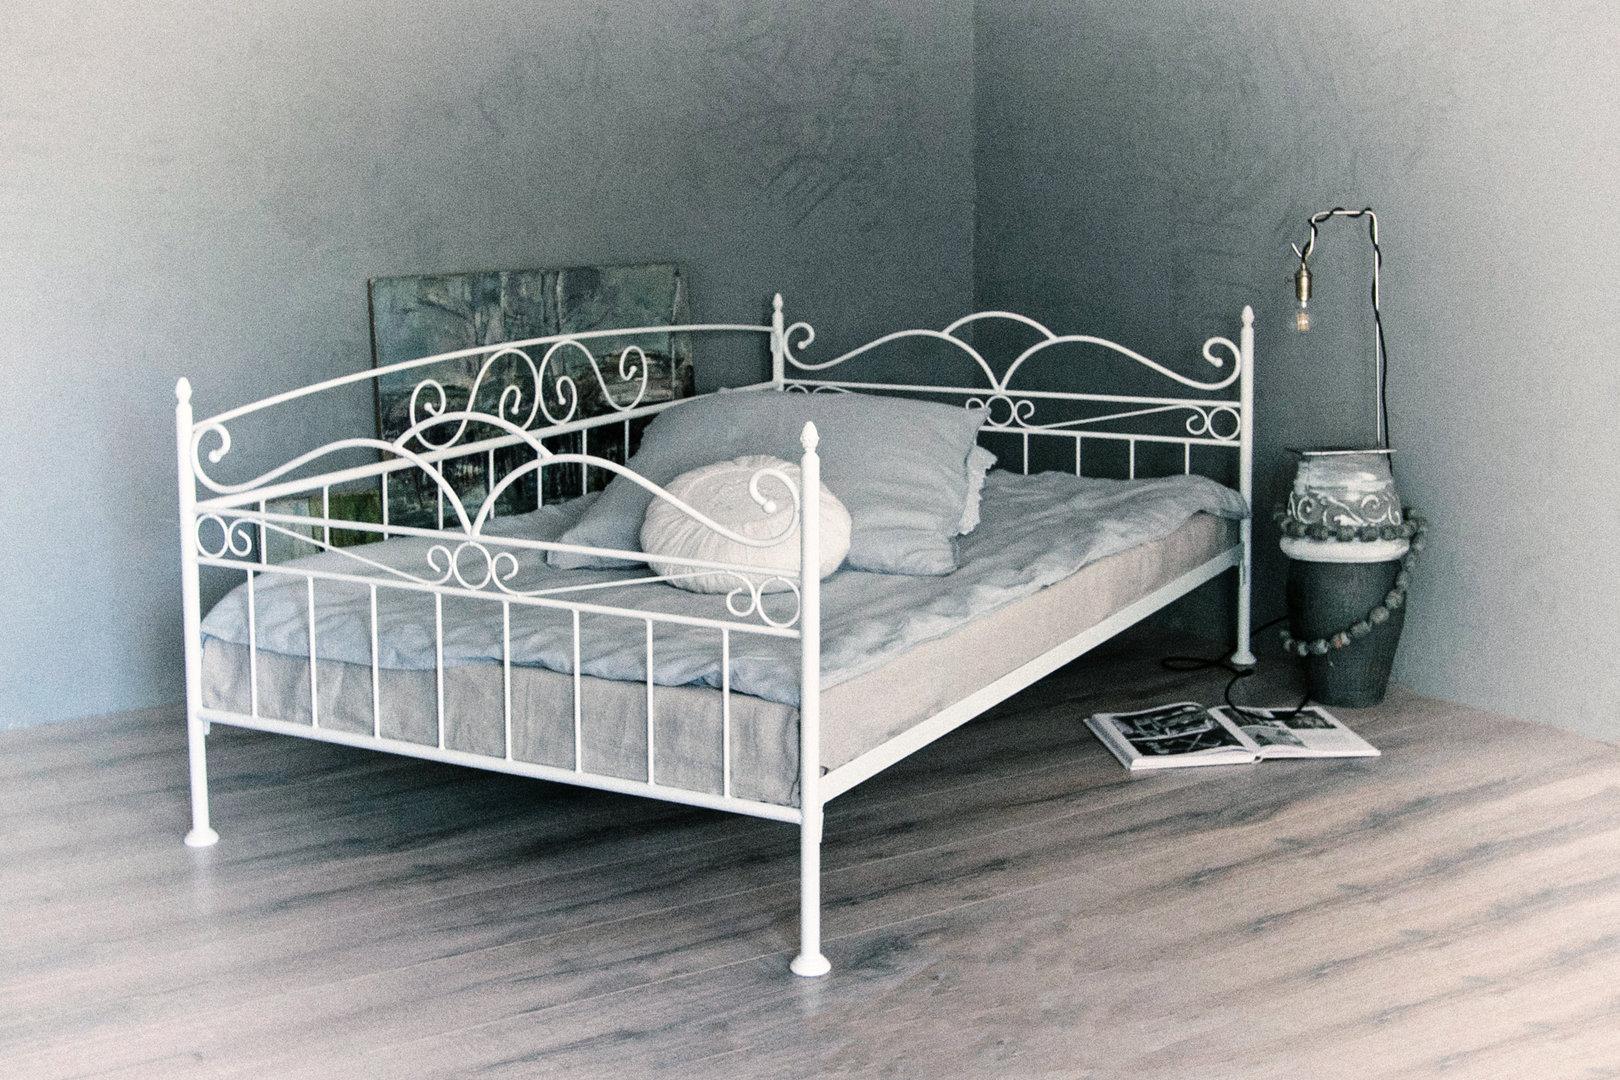 Full Size of Bett 90x200 Mit Lattenrost Trend Sofa In Weiss Ecru Transparent Kupfer Weiße Betten Rückenlehne Bette Starlet Ausziehbett Relaxfunktion 3 Sitzer Kinder Bett Bett 90x200 Mit Lattenrost